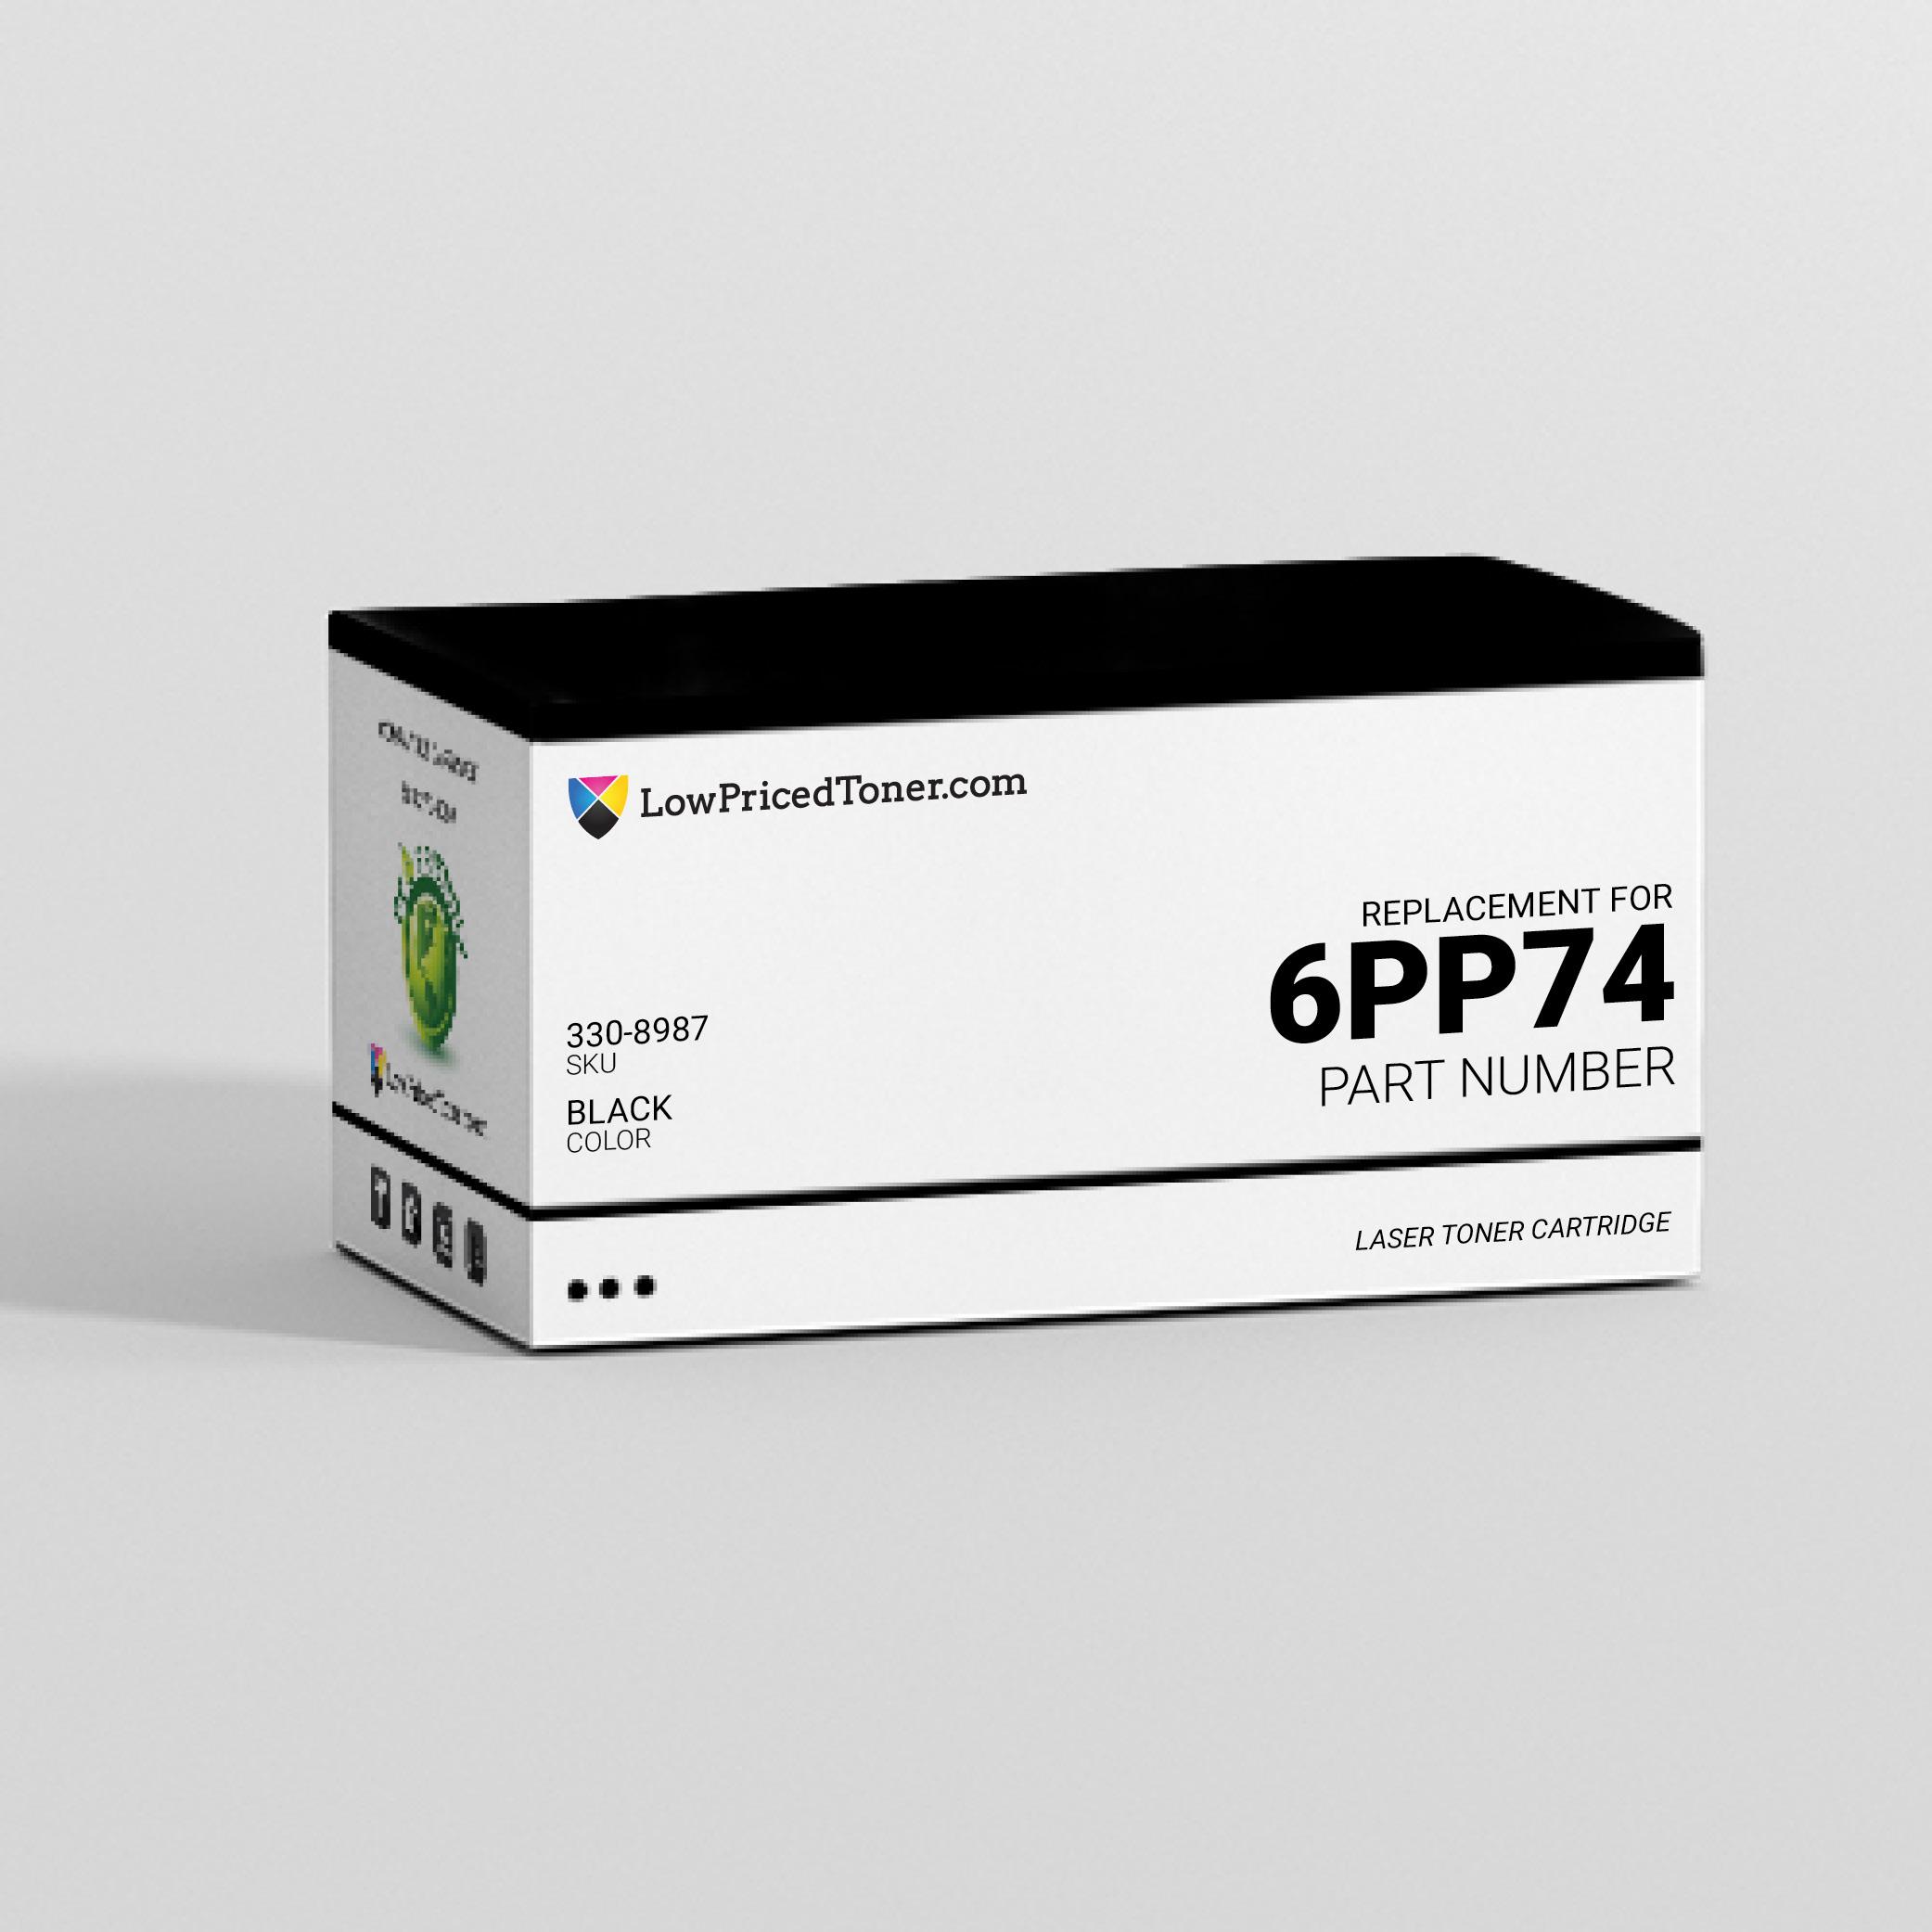 Dell 330-8987 6PP74 Compatible Black Laser Toner Cartridge